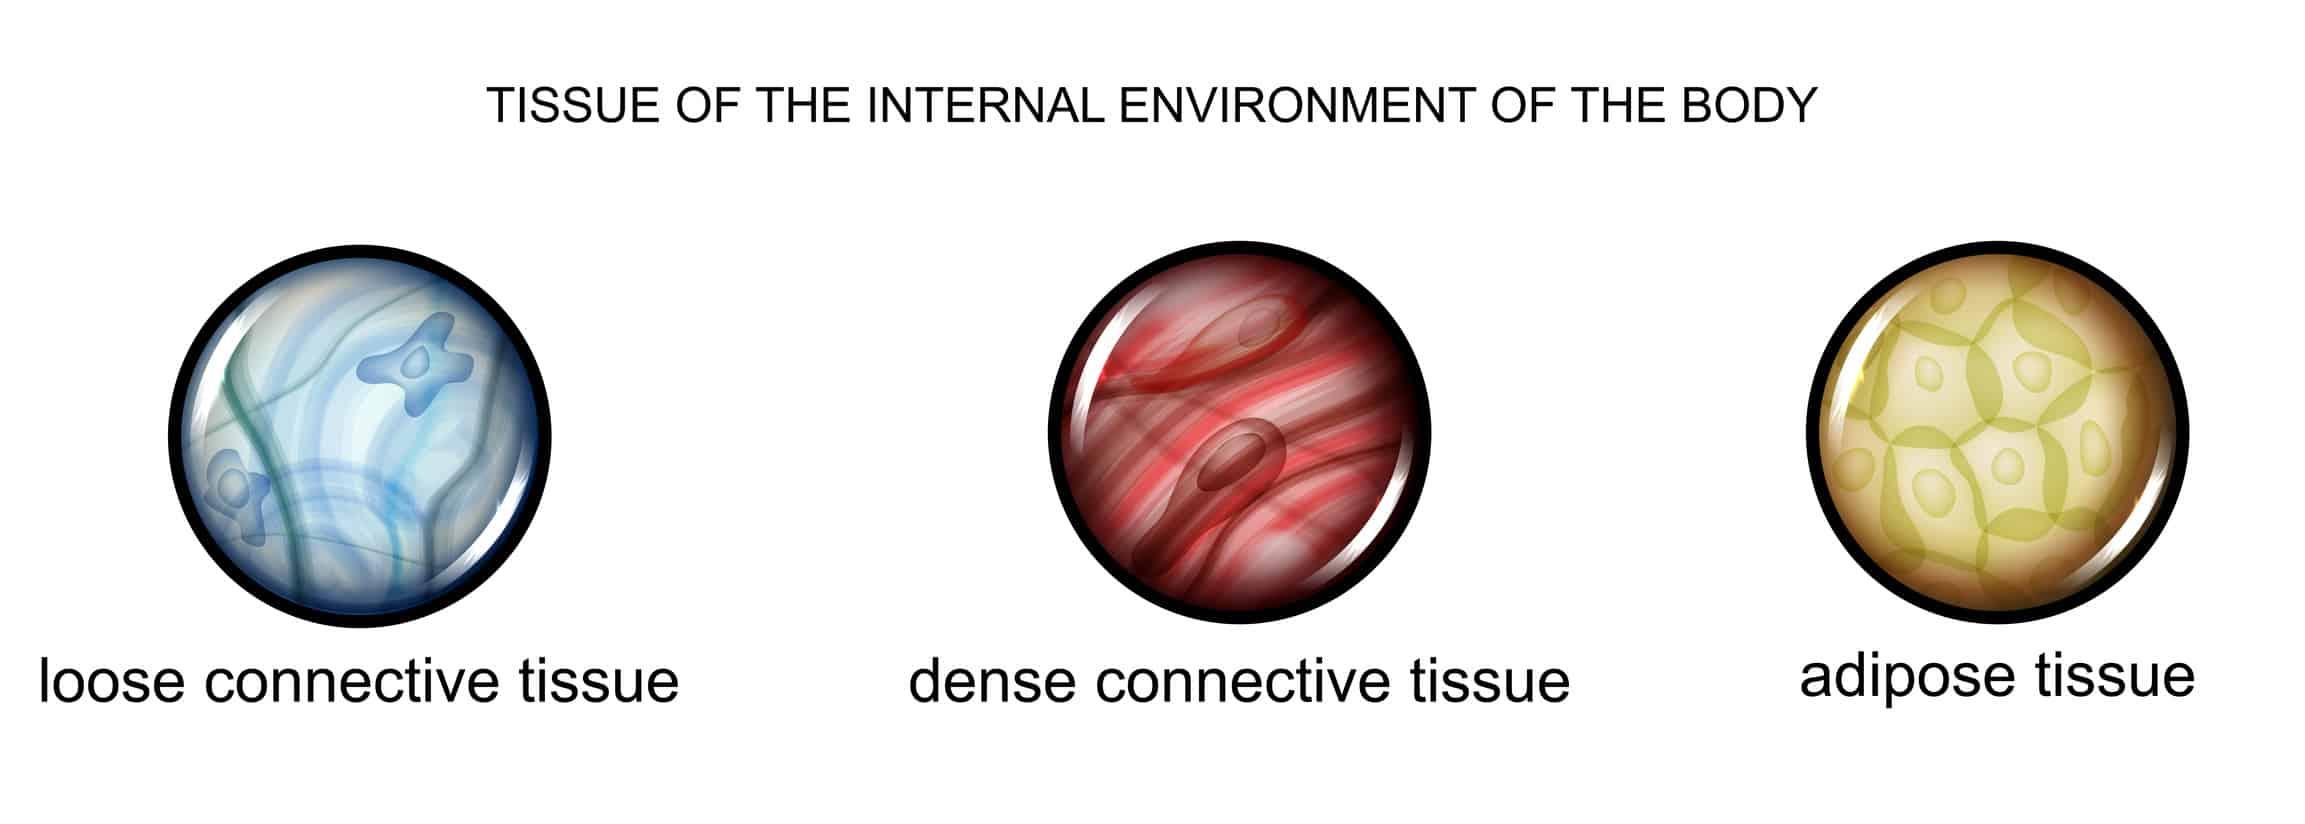 Ilustração das células do tecido conjuntivo frouxo, tecido conjuntivo denso e tecido conjuntivo adiposo.